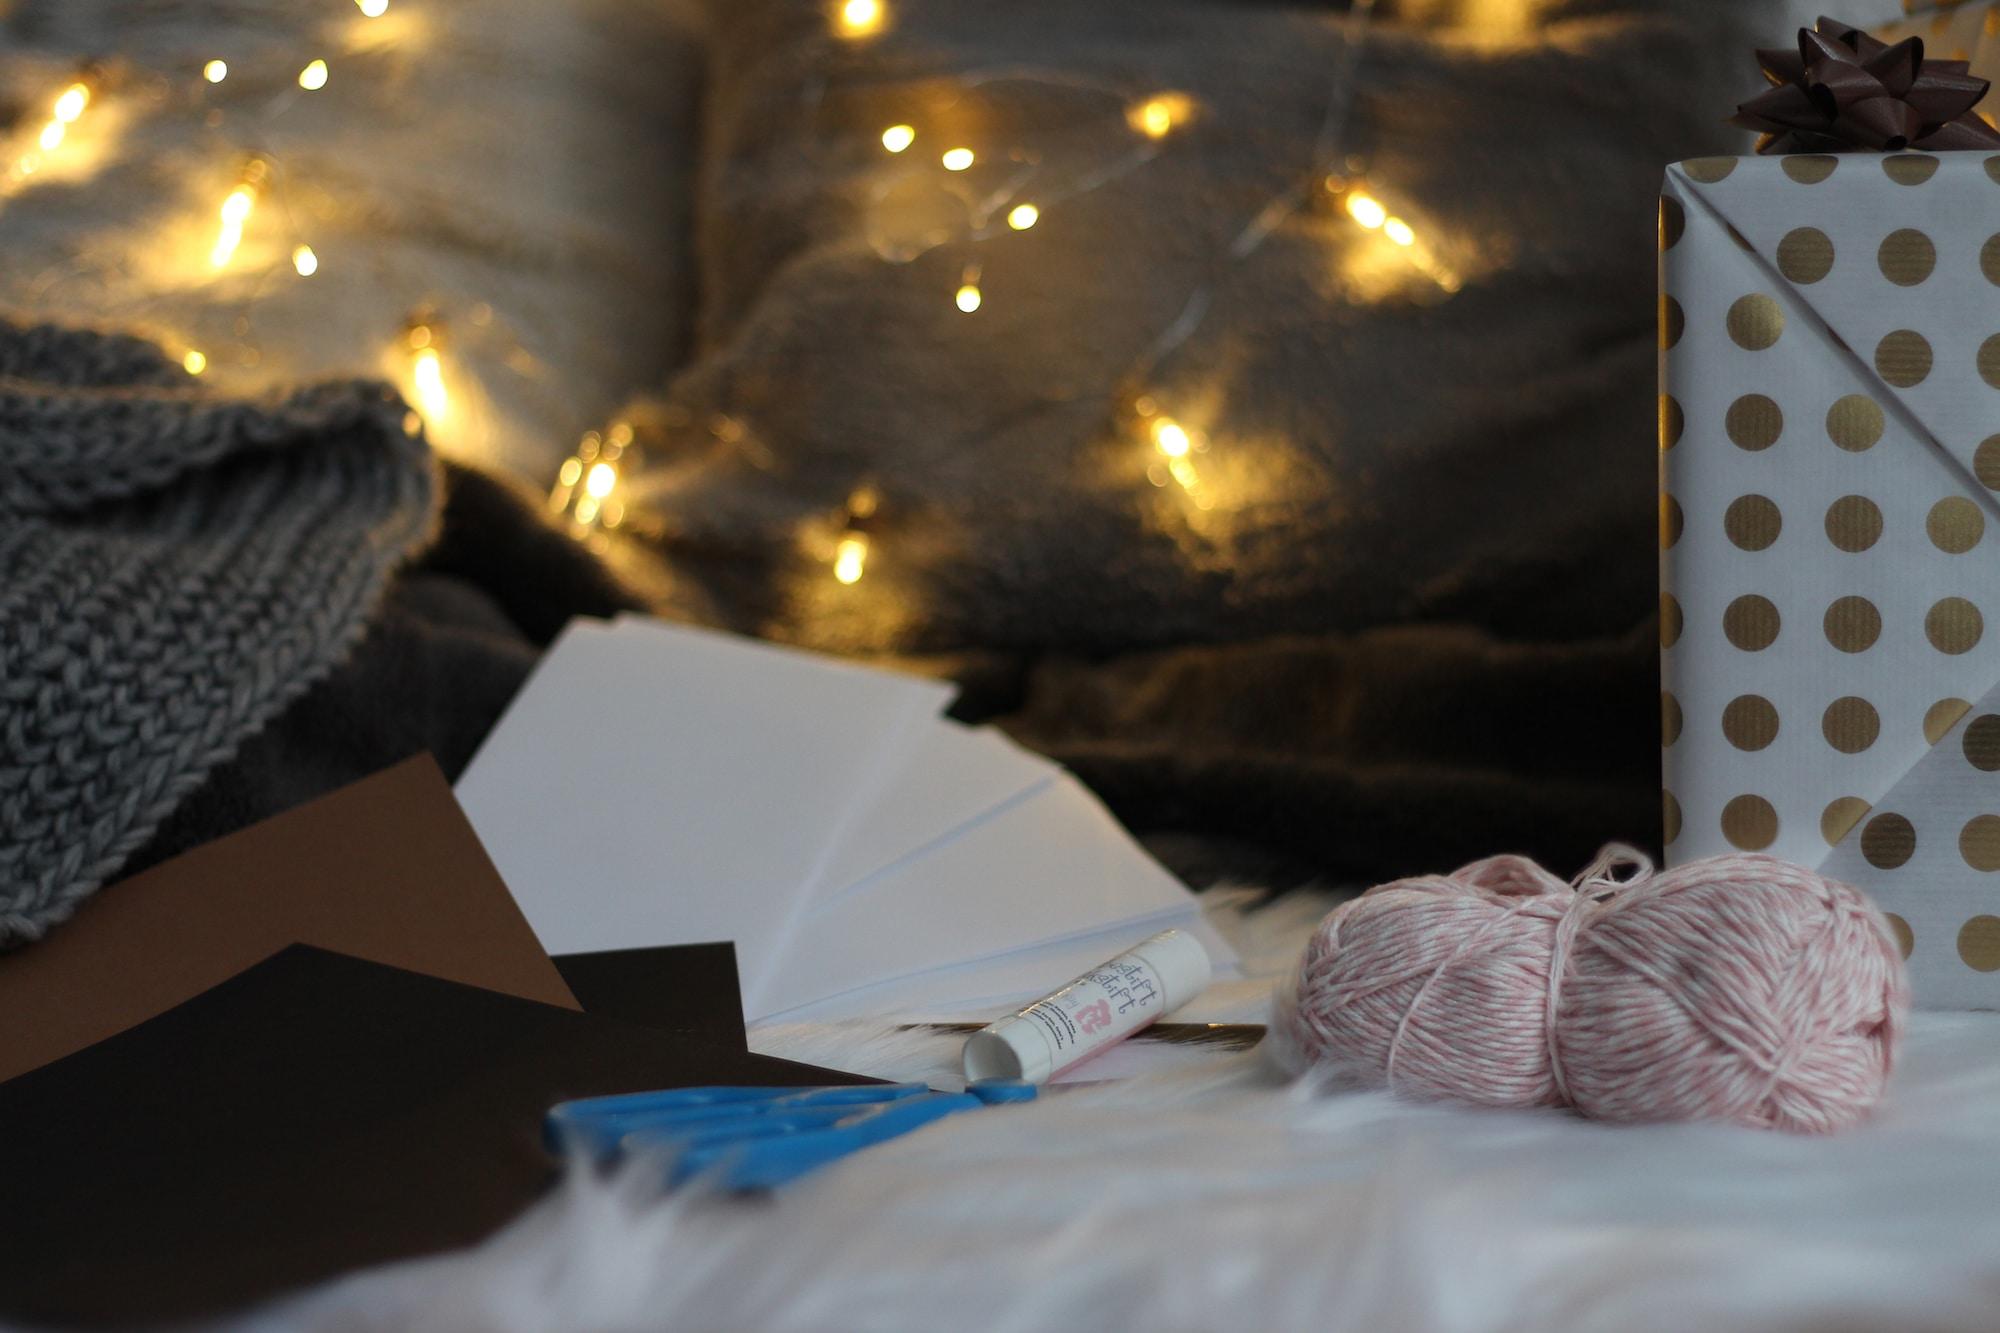 Materialien für den Schnitzeljagd Adventskalender